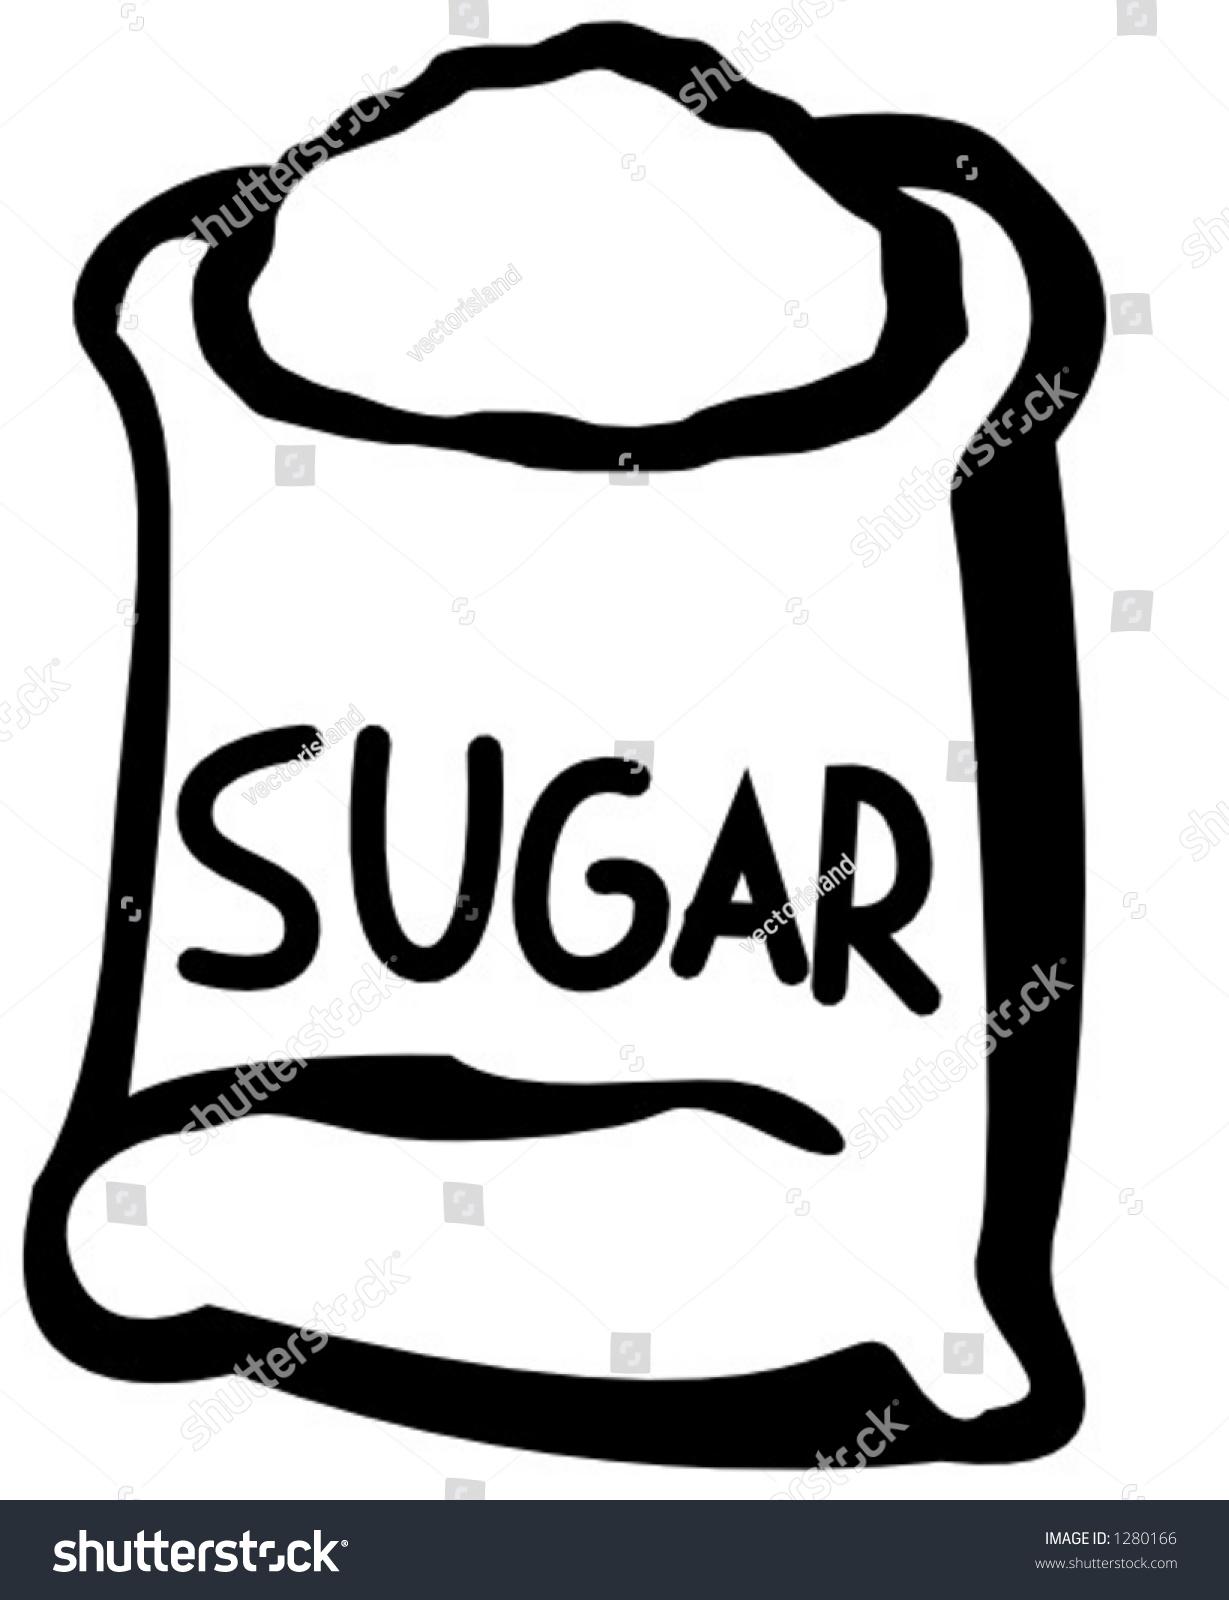 Bag Of Sugar Image.